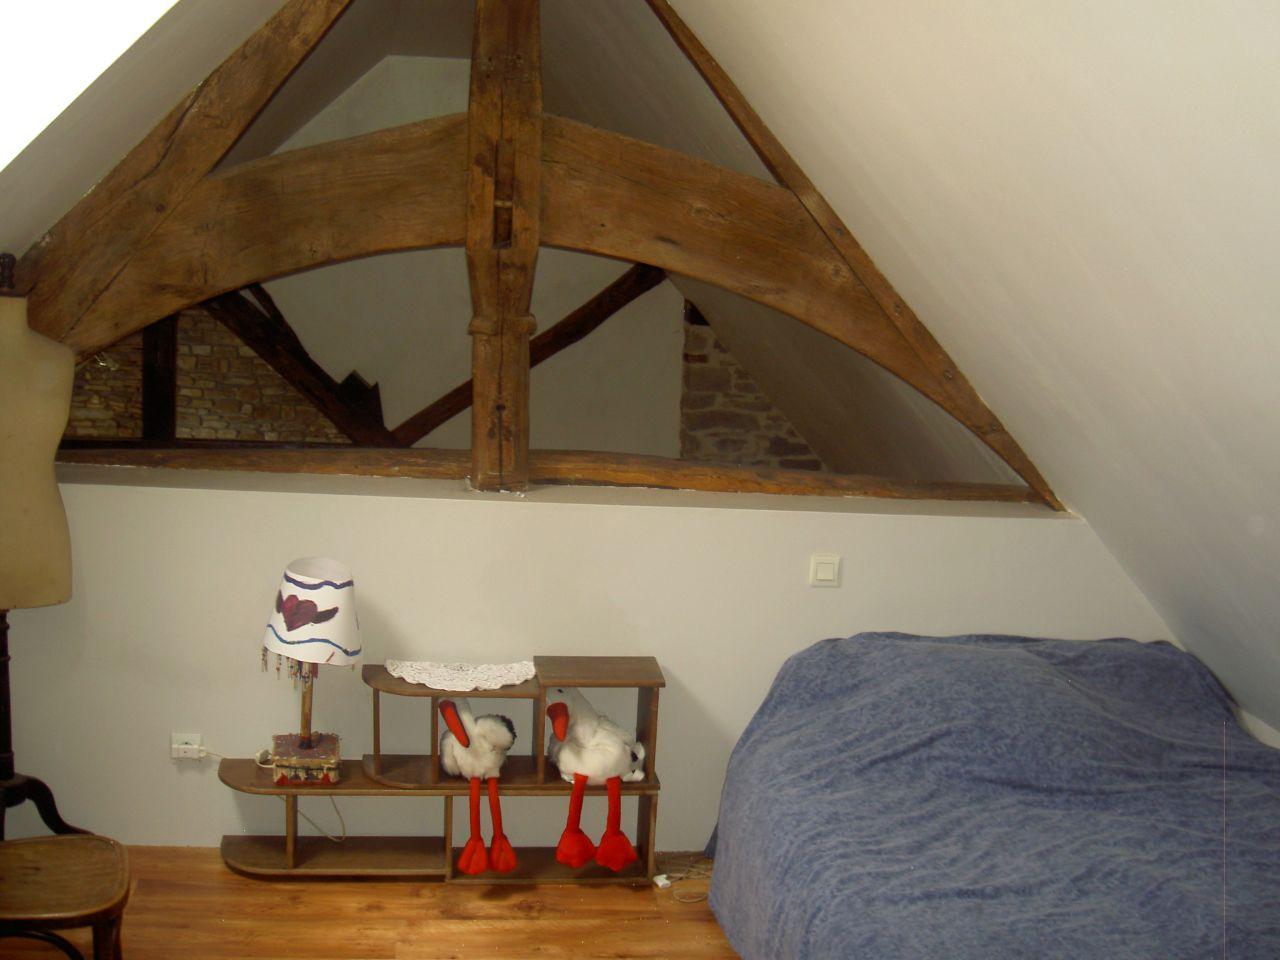 isoler chambre du bruit 8 messages. Black Bedroom Furniture Sets. Home Design Ideas